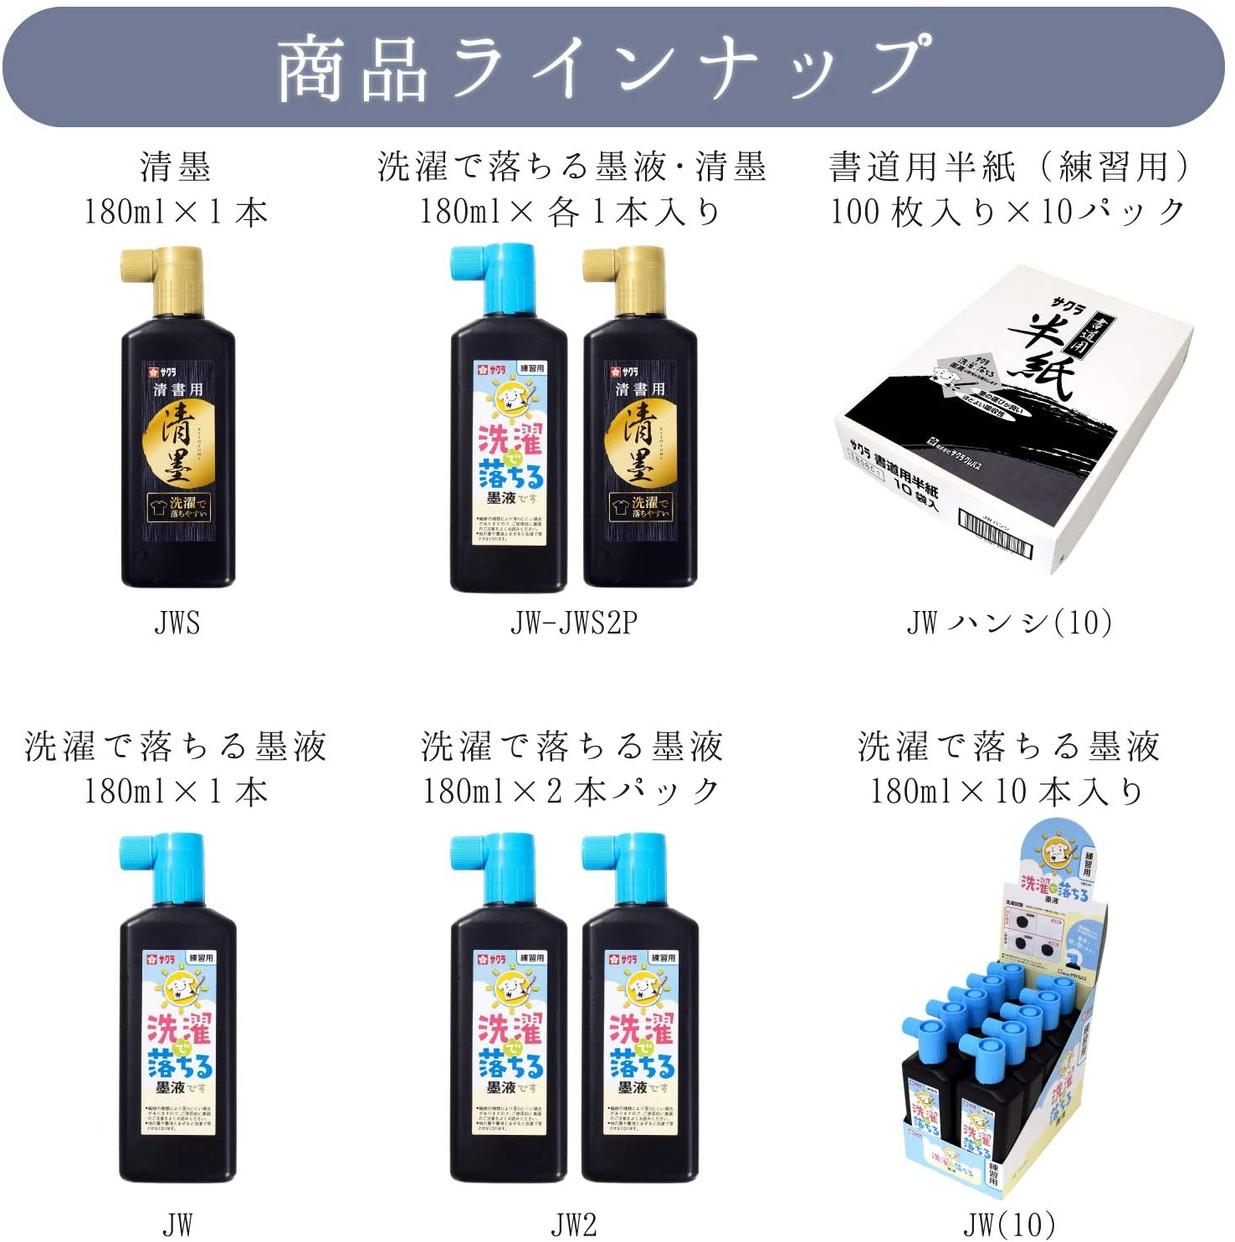 SAKURA(サクラ) 清墨 805304の商品画像8